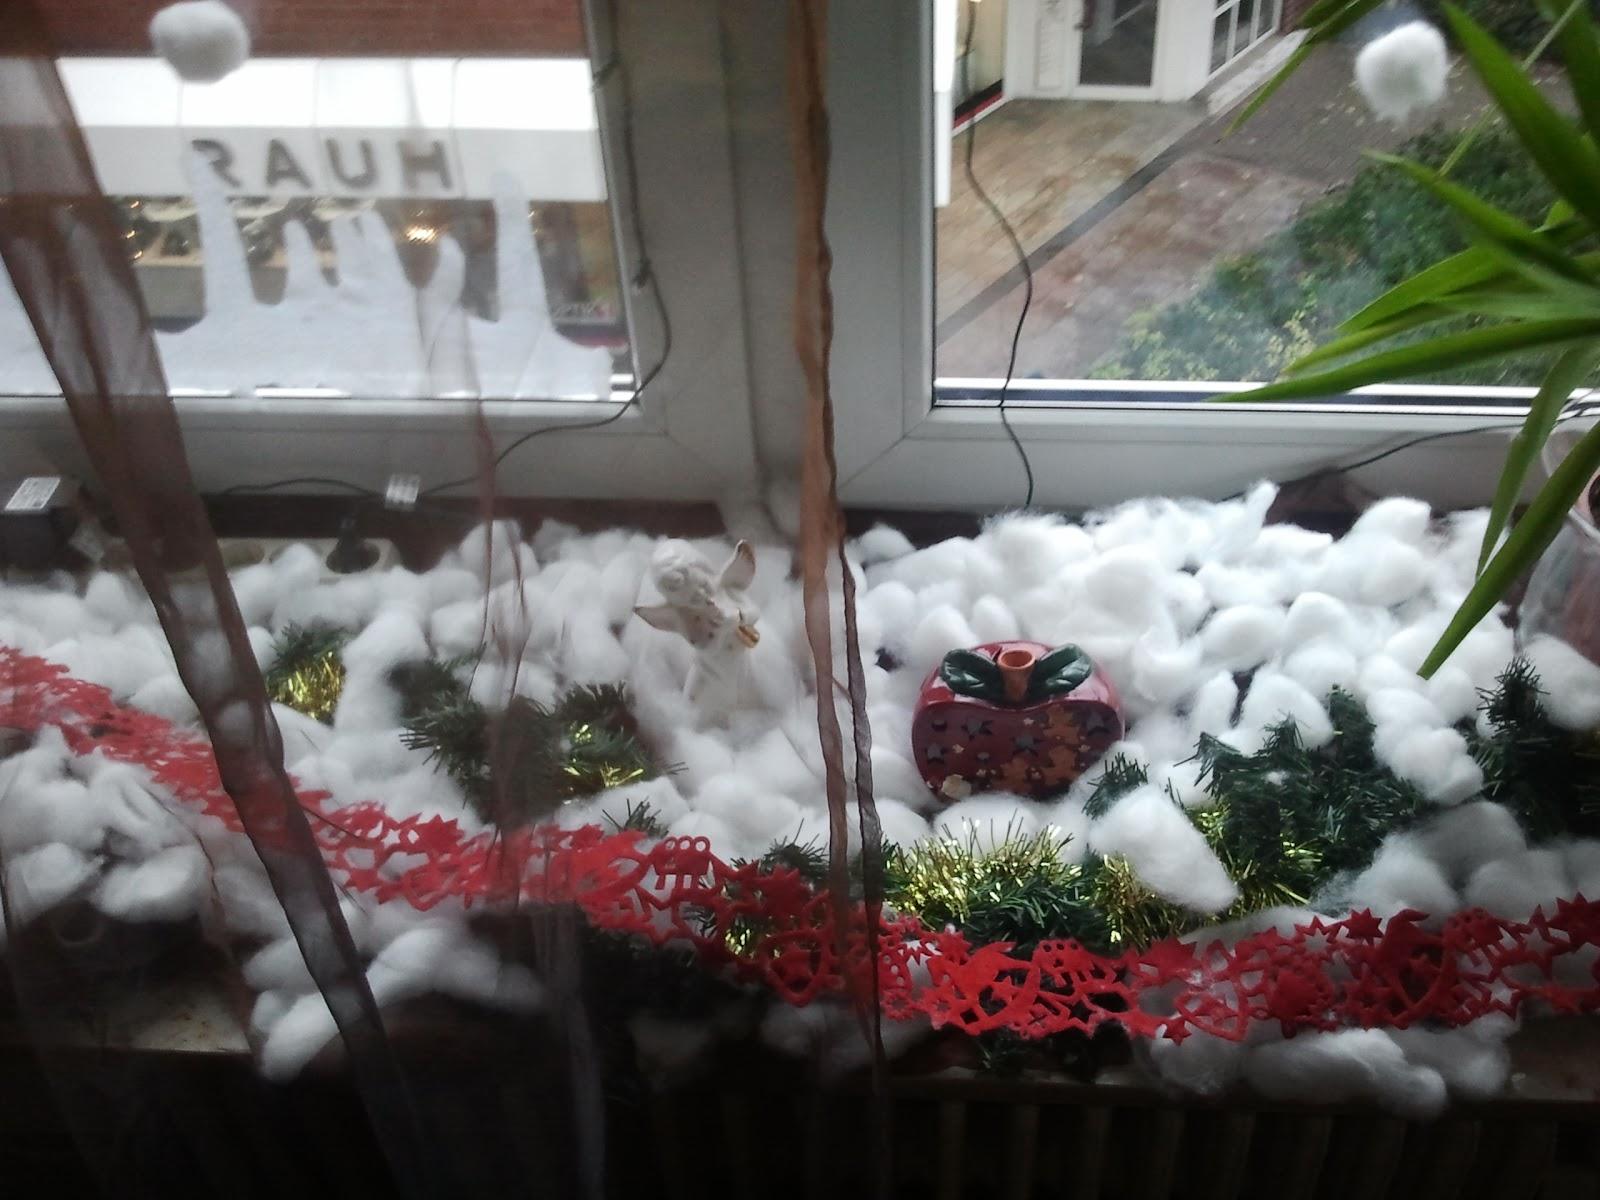 Weihnachtsdeko fenster n hen ambitious and combative - Einsatz in 4 wanden ideen ...